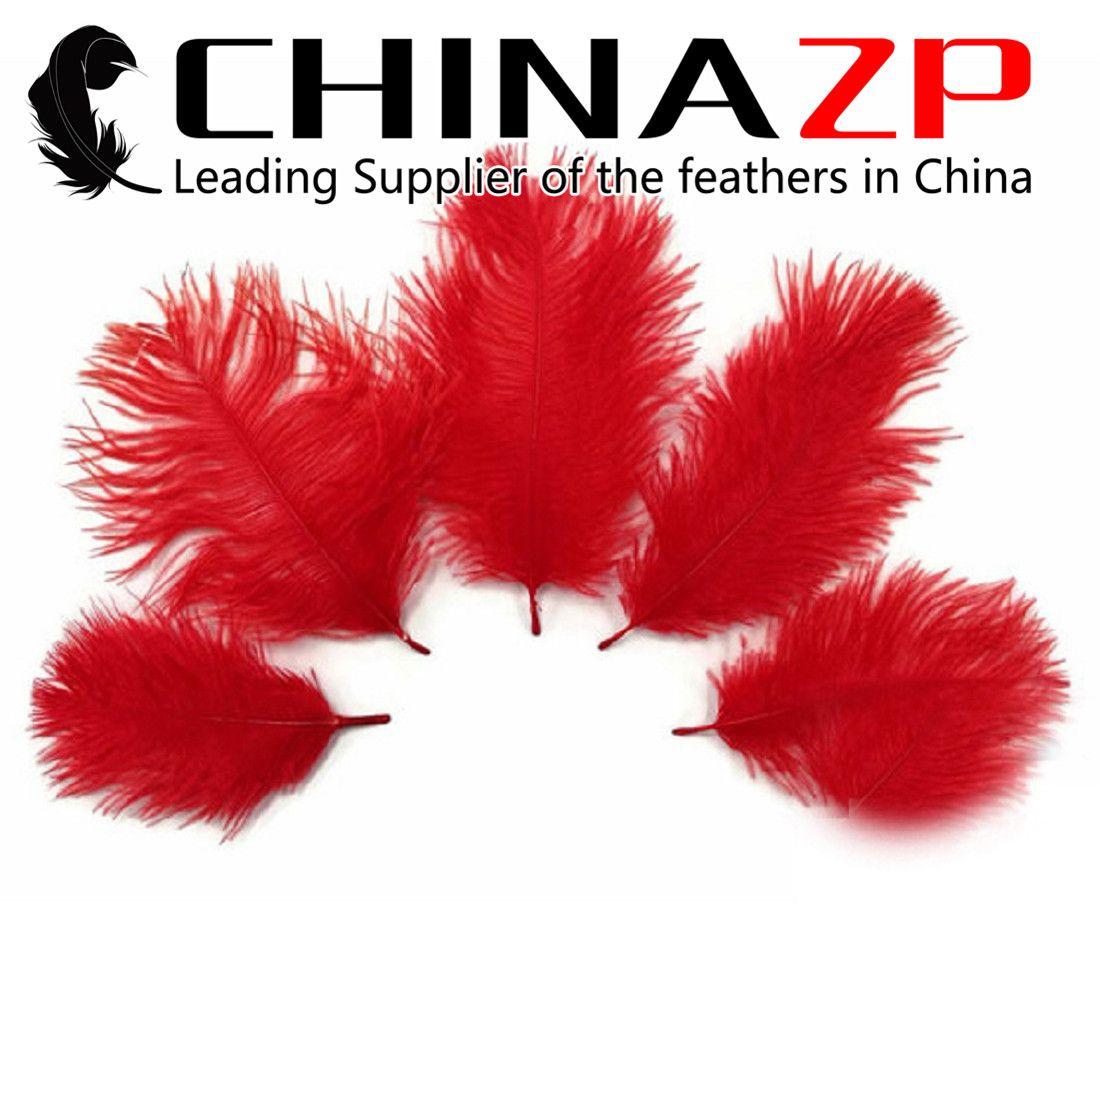 Großhandel Führende Lieferanten Chinazp 15 20 Cm 6 Inch Bis 8 Inch